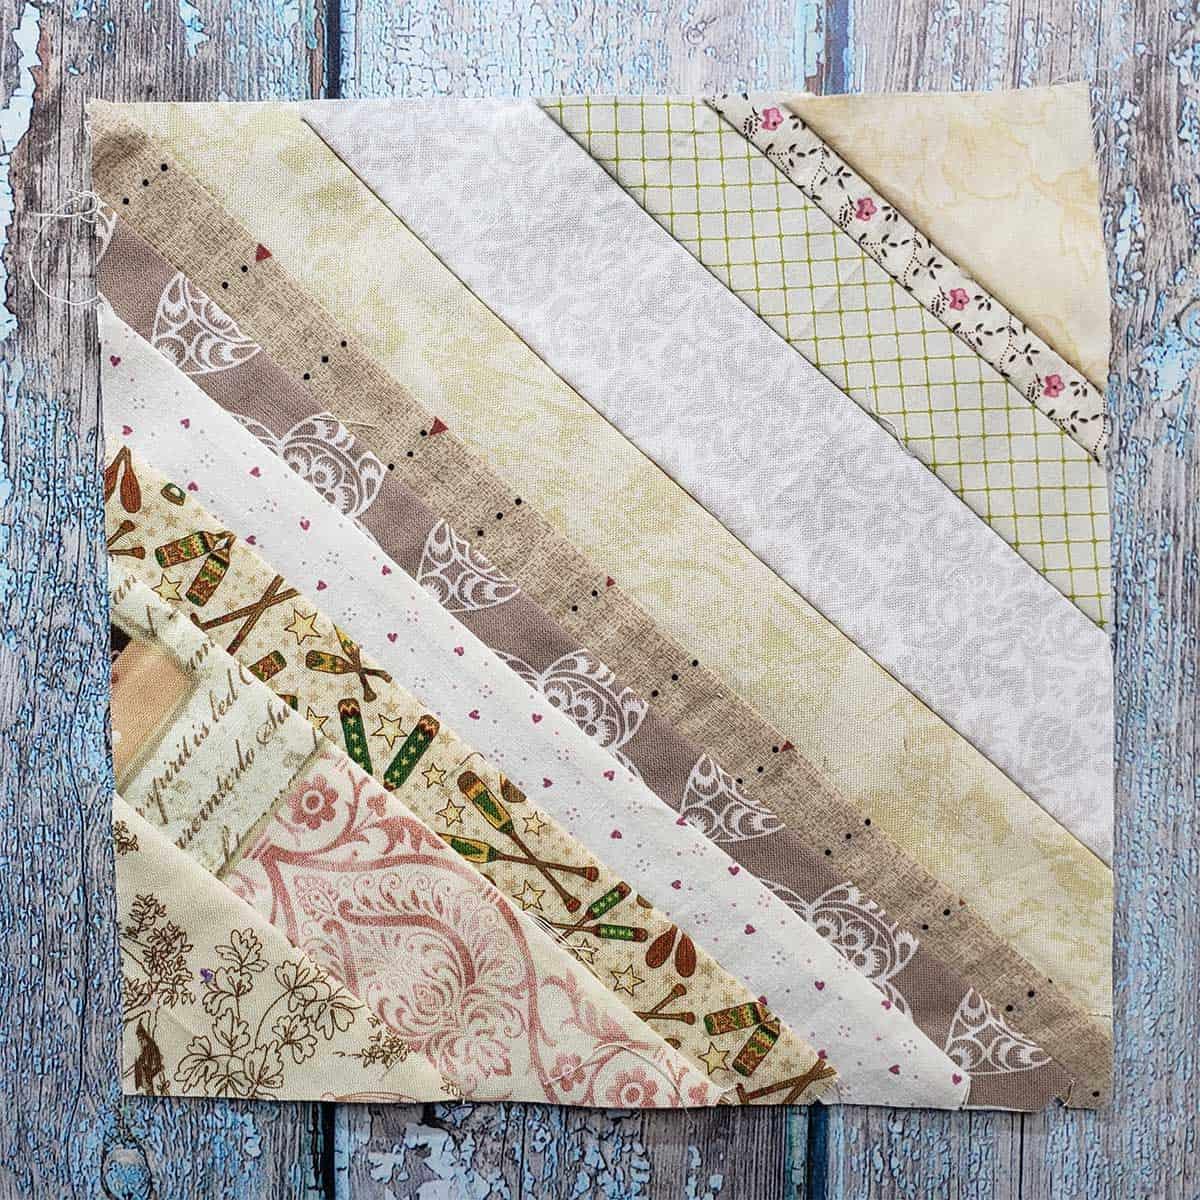 String pieced quilt block